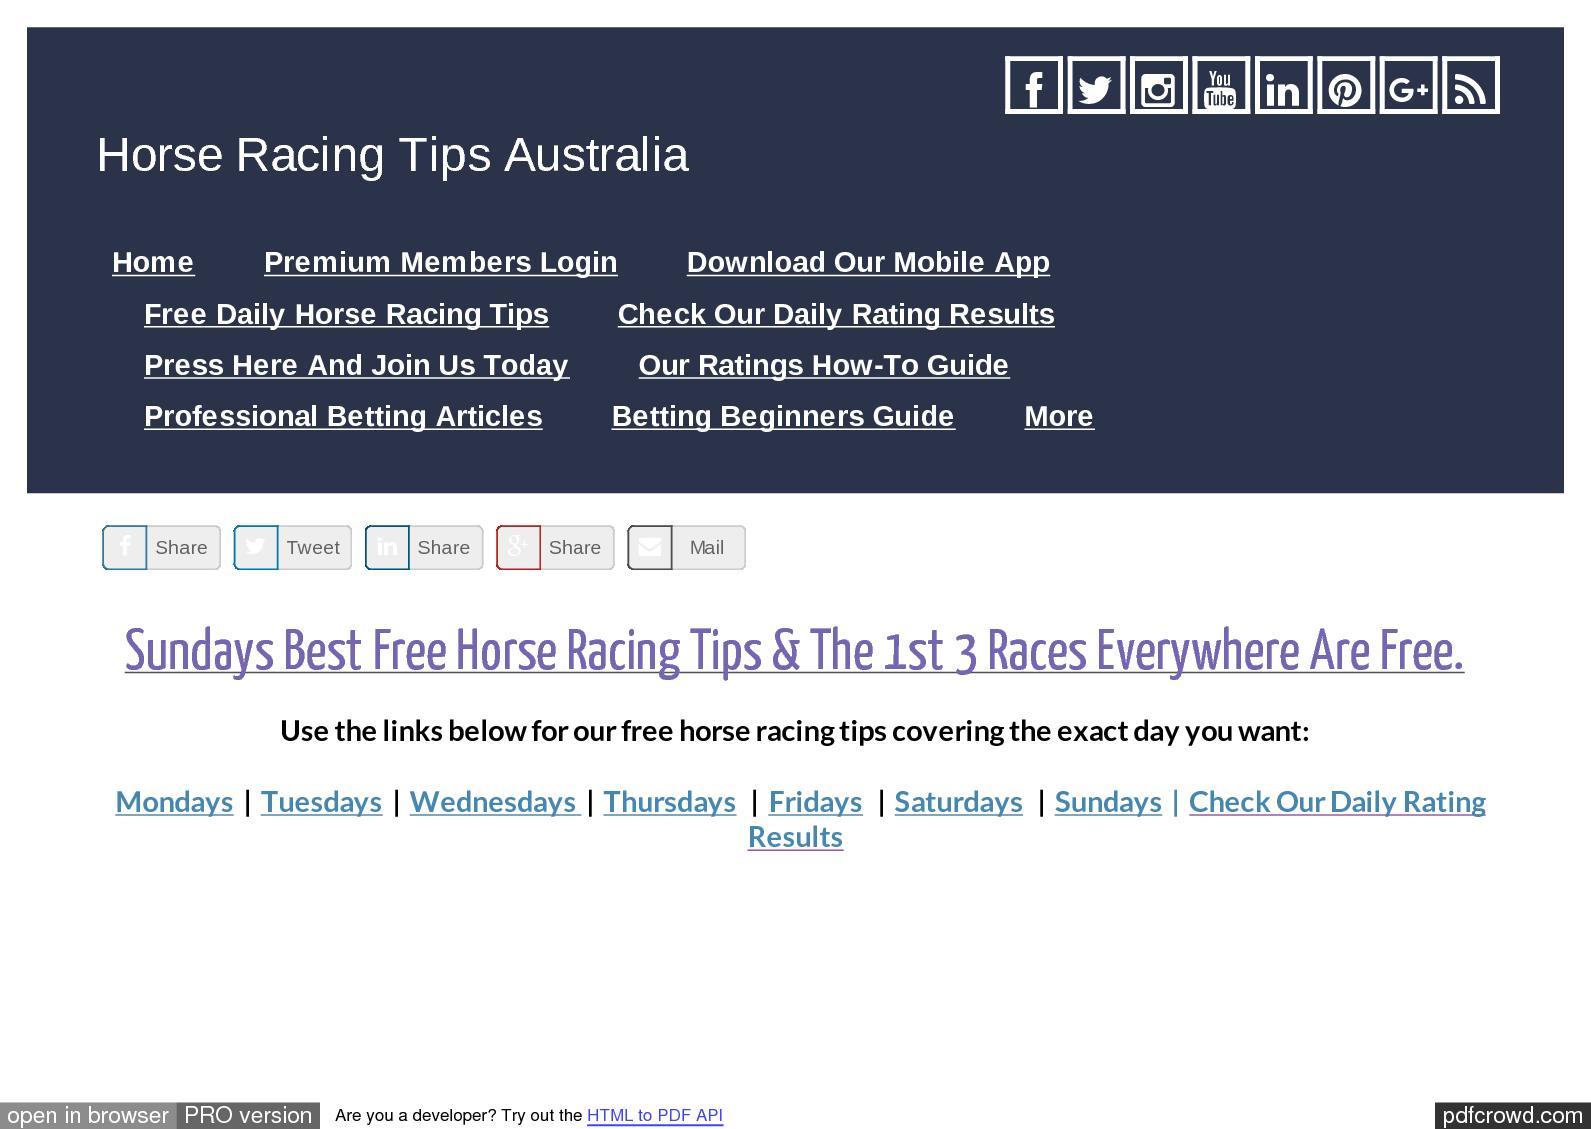 Calaméo - Sundays September 17th Free Horse Racing Tips